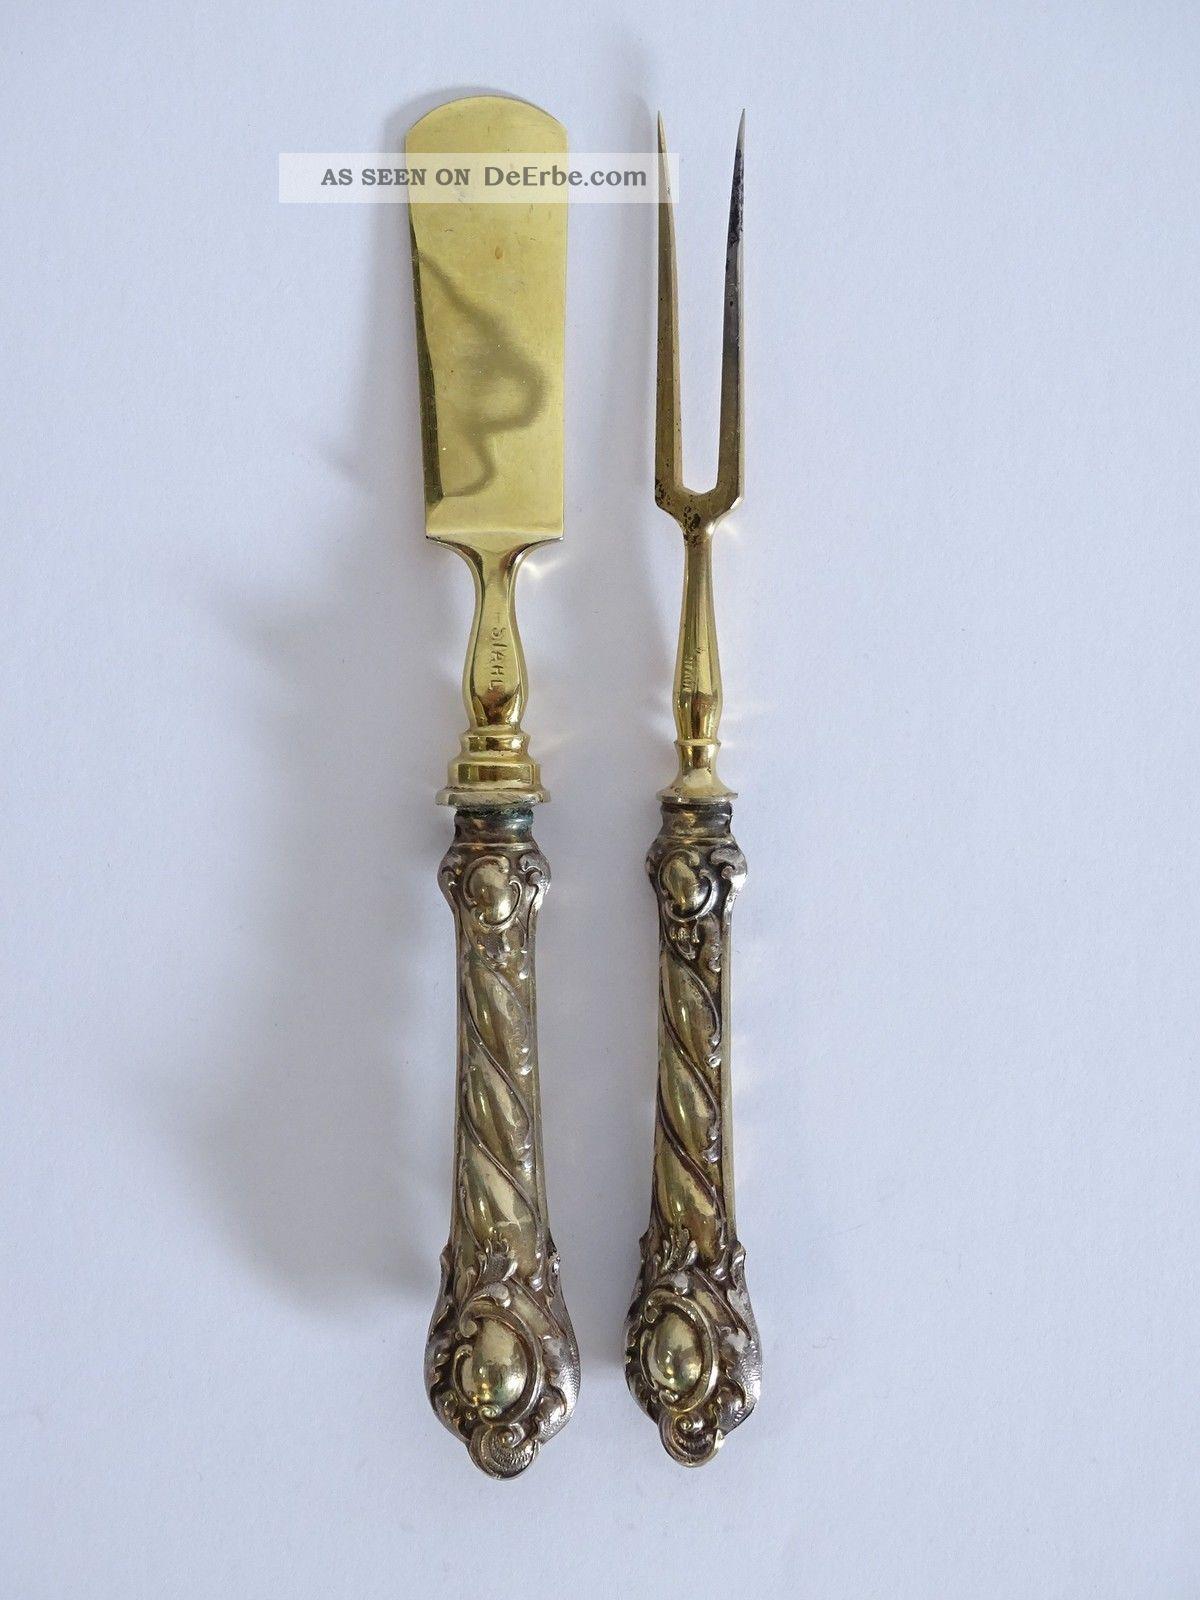 Antikes Vorlegebesteck Gabel Und Buttermesser Mit Silbernem Griff Um 1900 Haushalt Bild